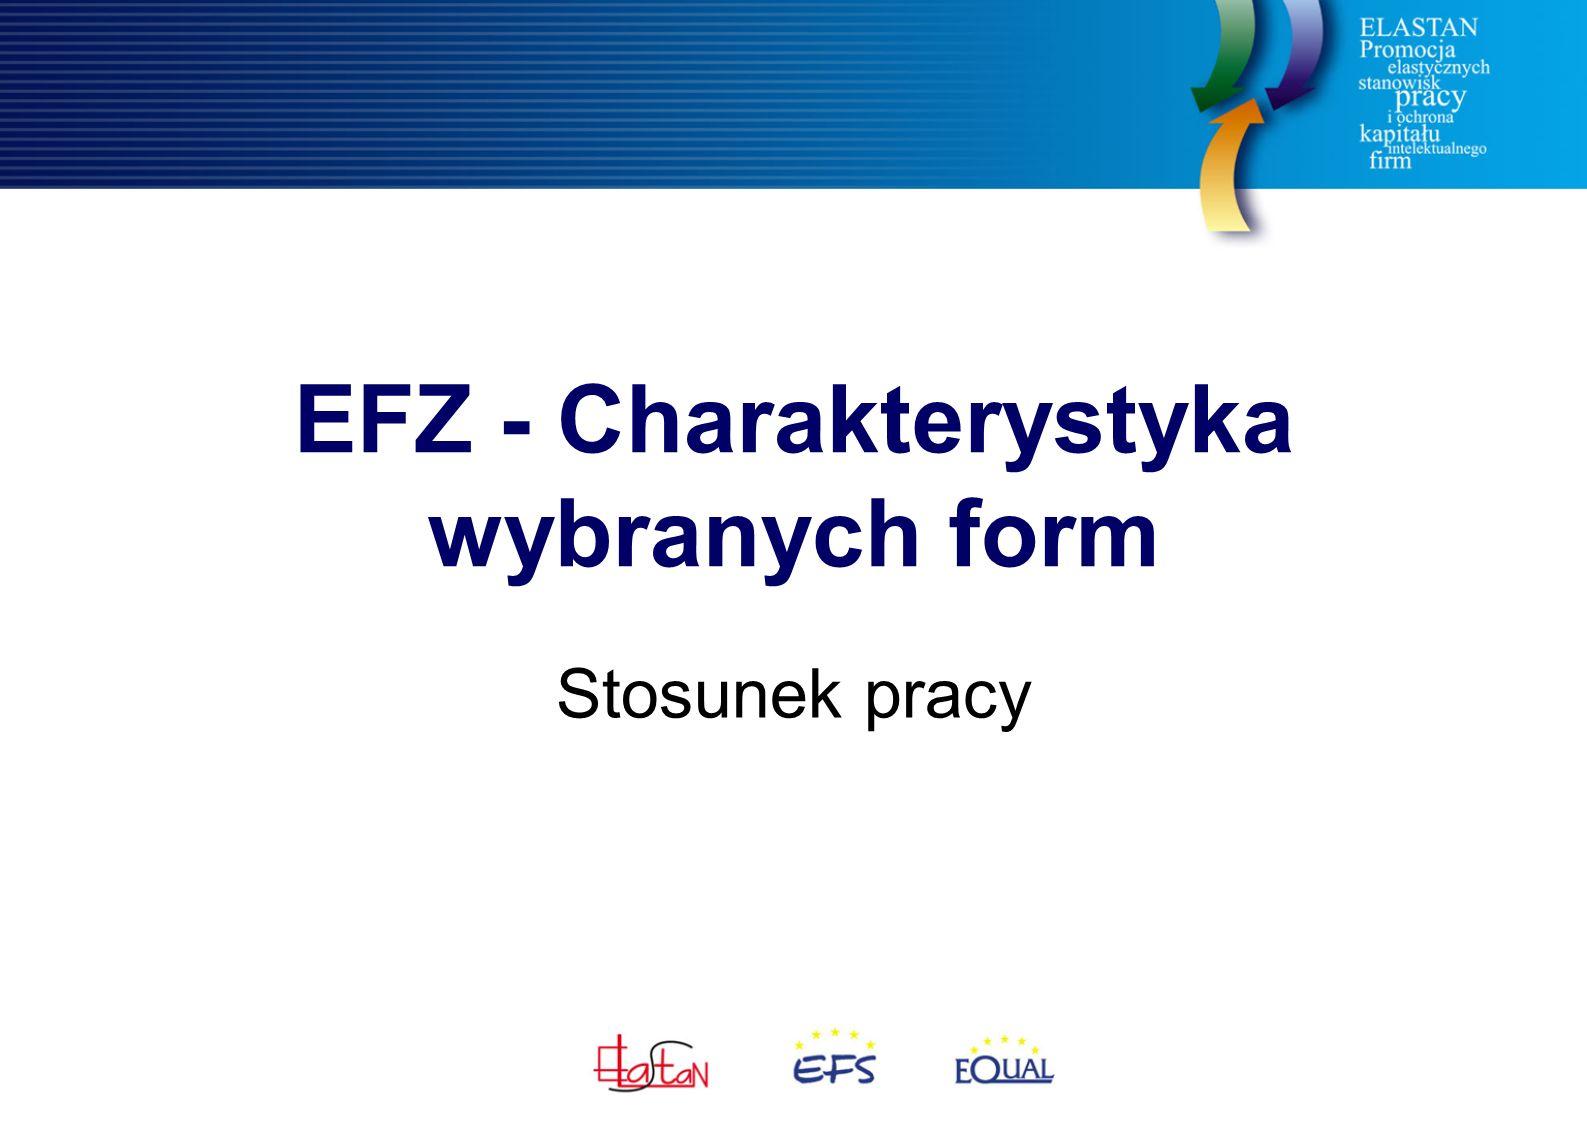 EFZ - Charakterystyka wybranych form Stosunek pracy